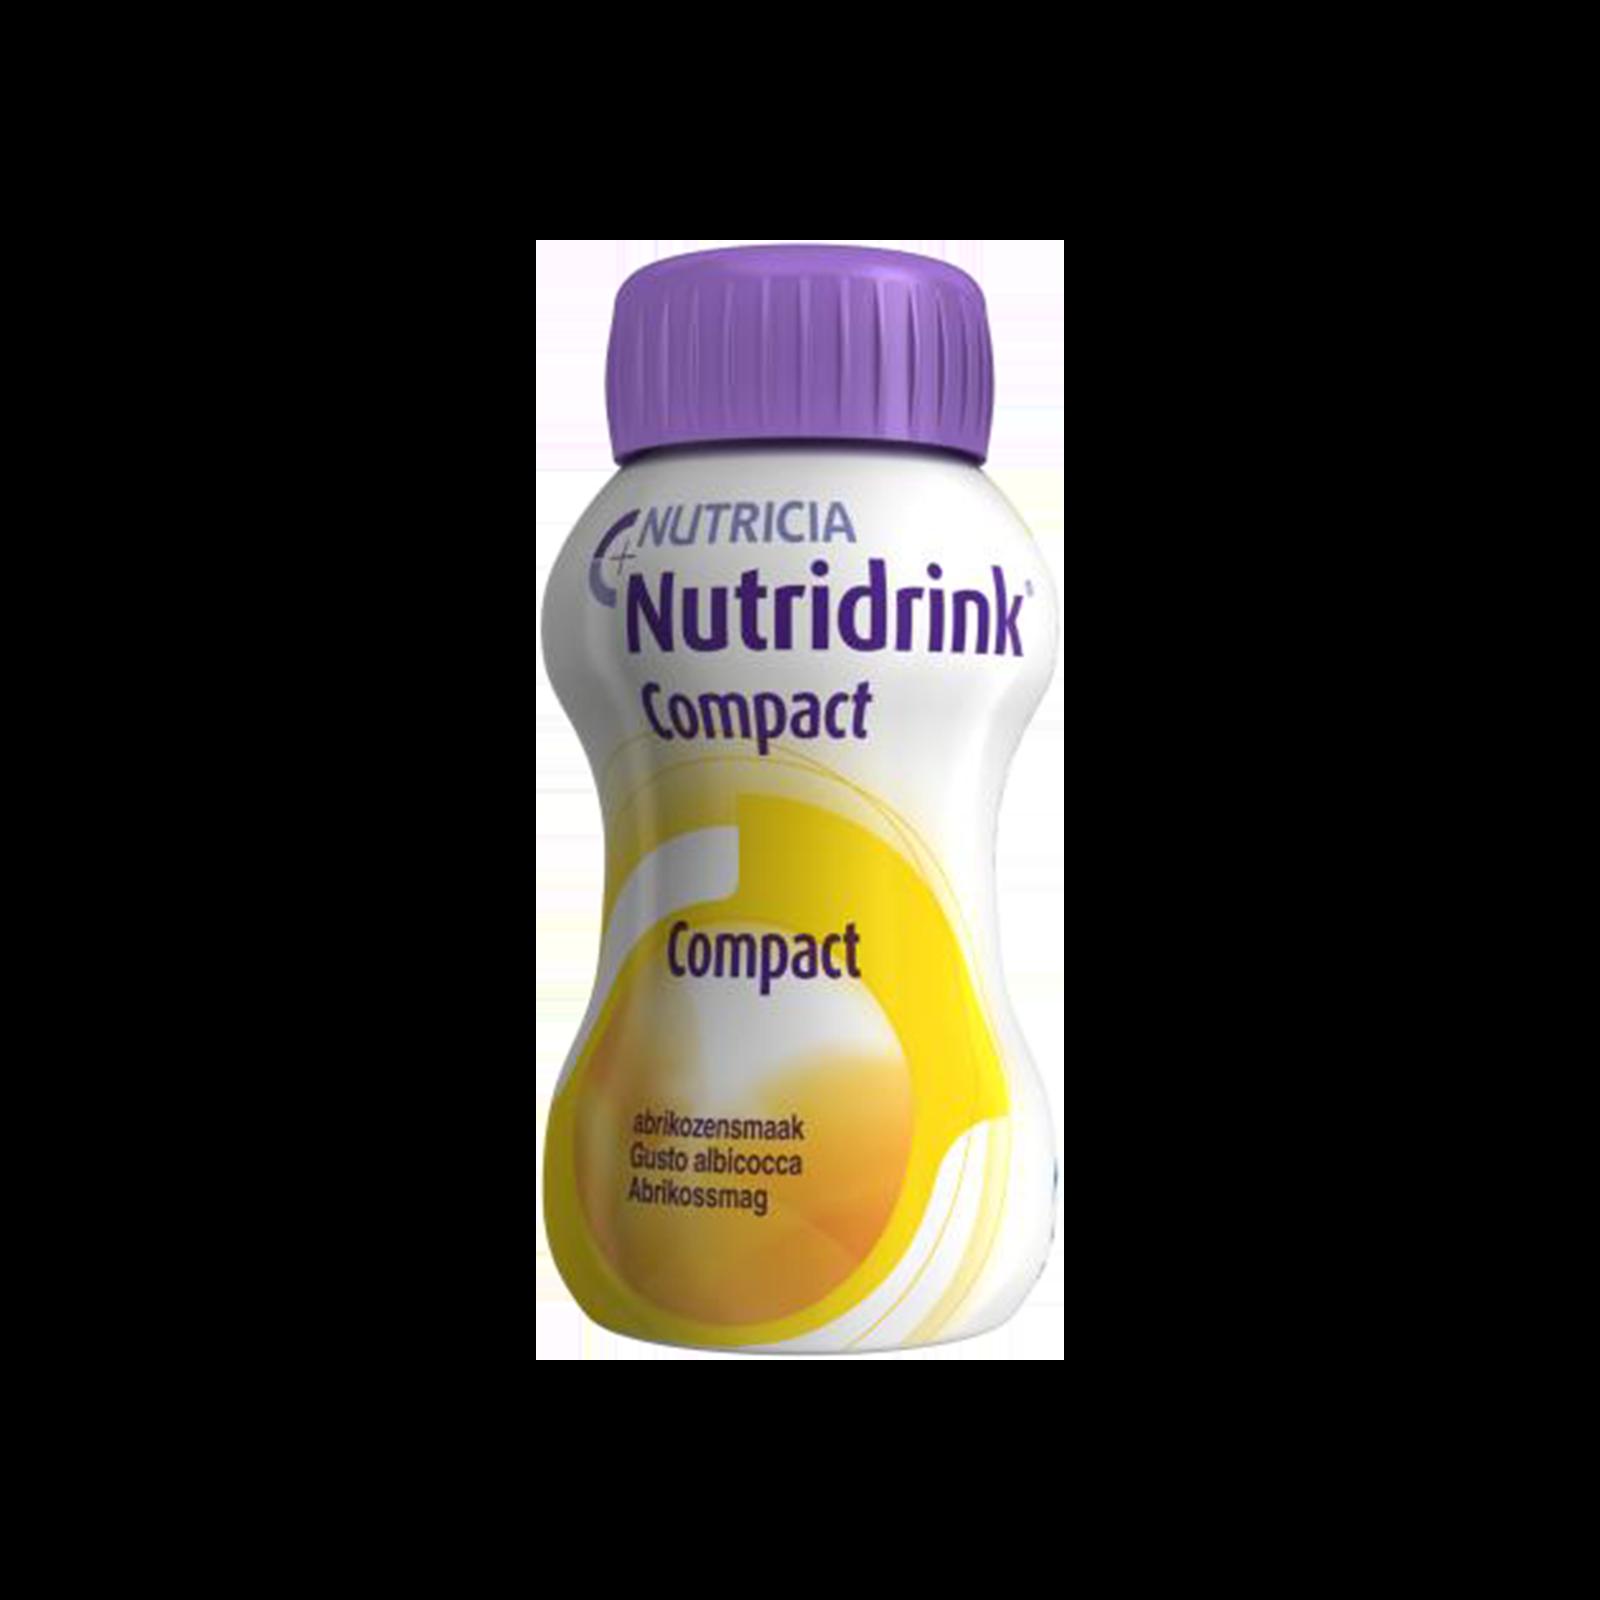 Nutridrink Compact albicocca 48x Bottiglia 125 ml | Nutricia